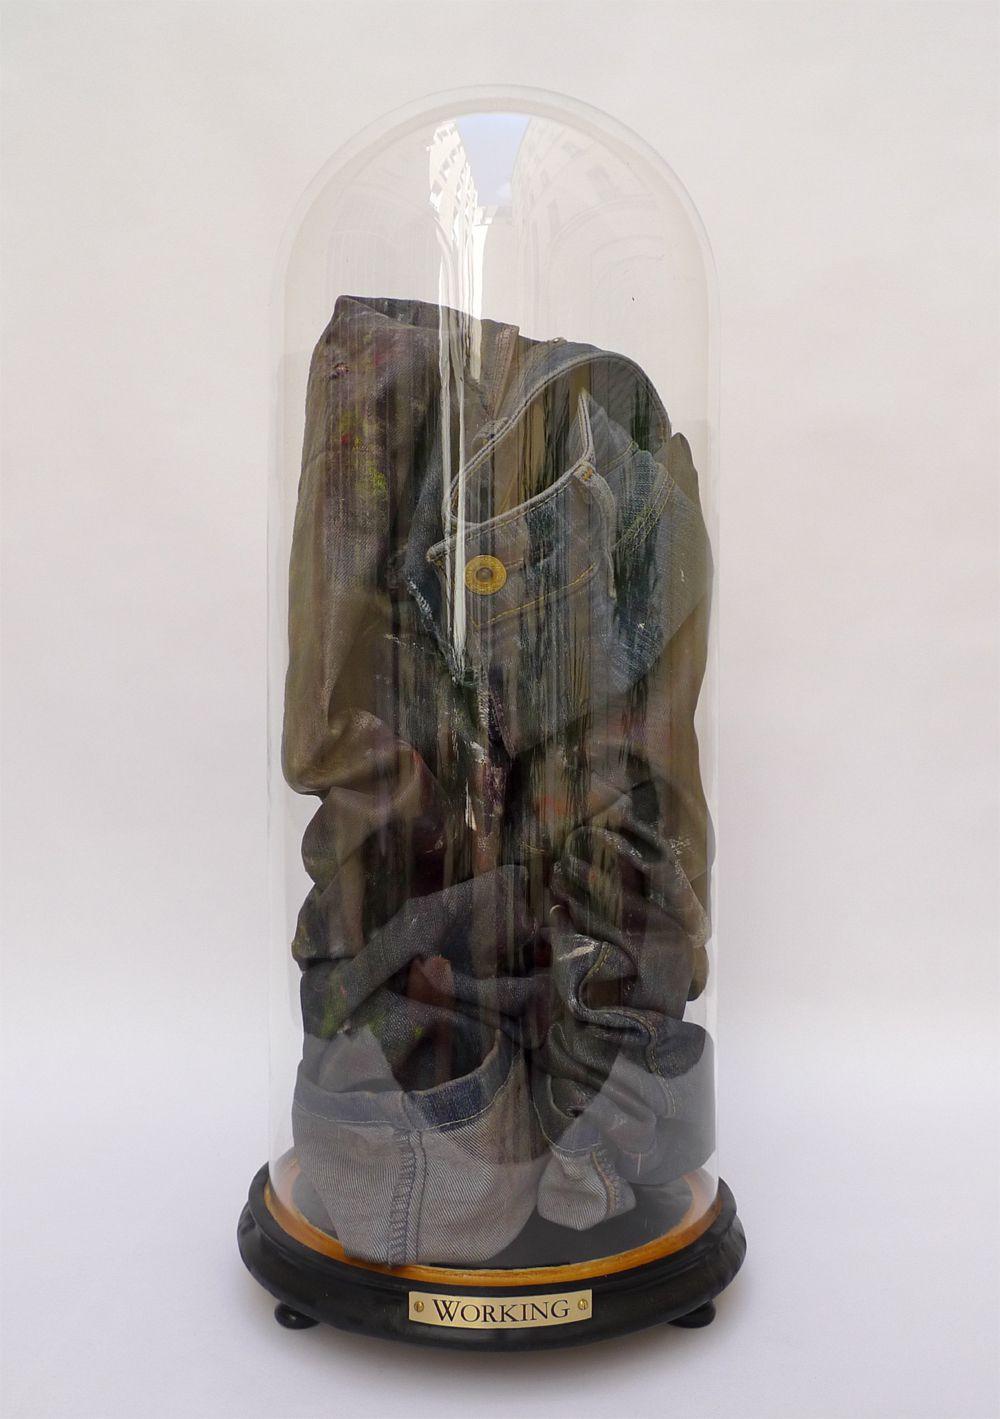 Working -  huile sur jean, cloche en verre soufflé, bois, laiton gravé. H 53 cm, ø 23 cm.